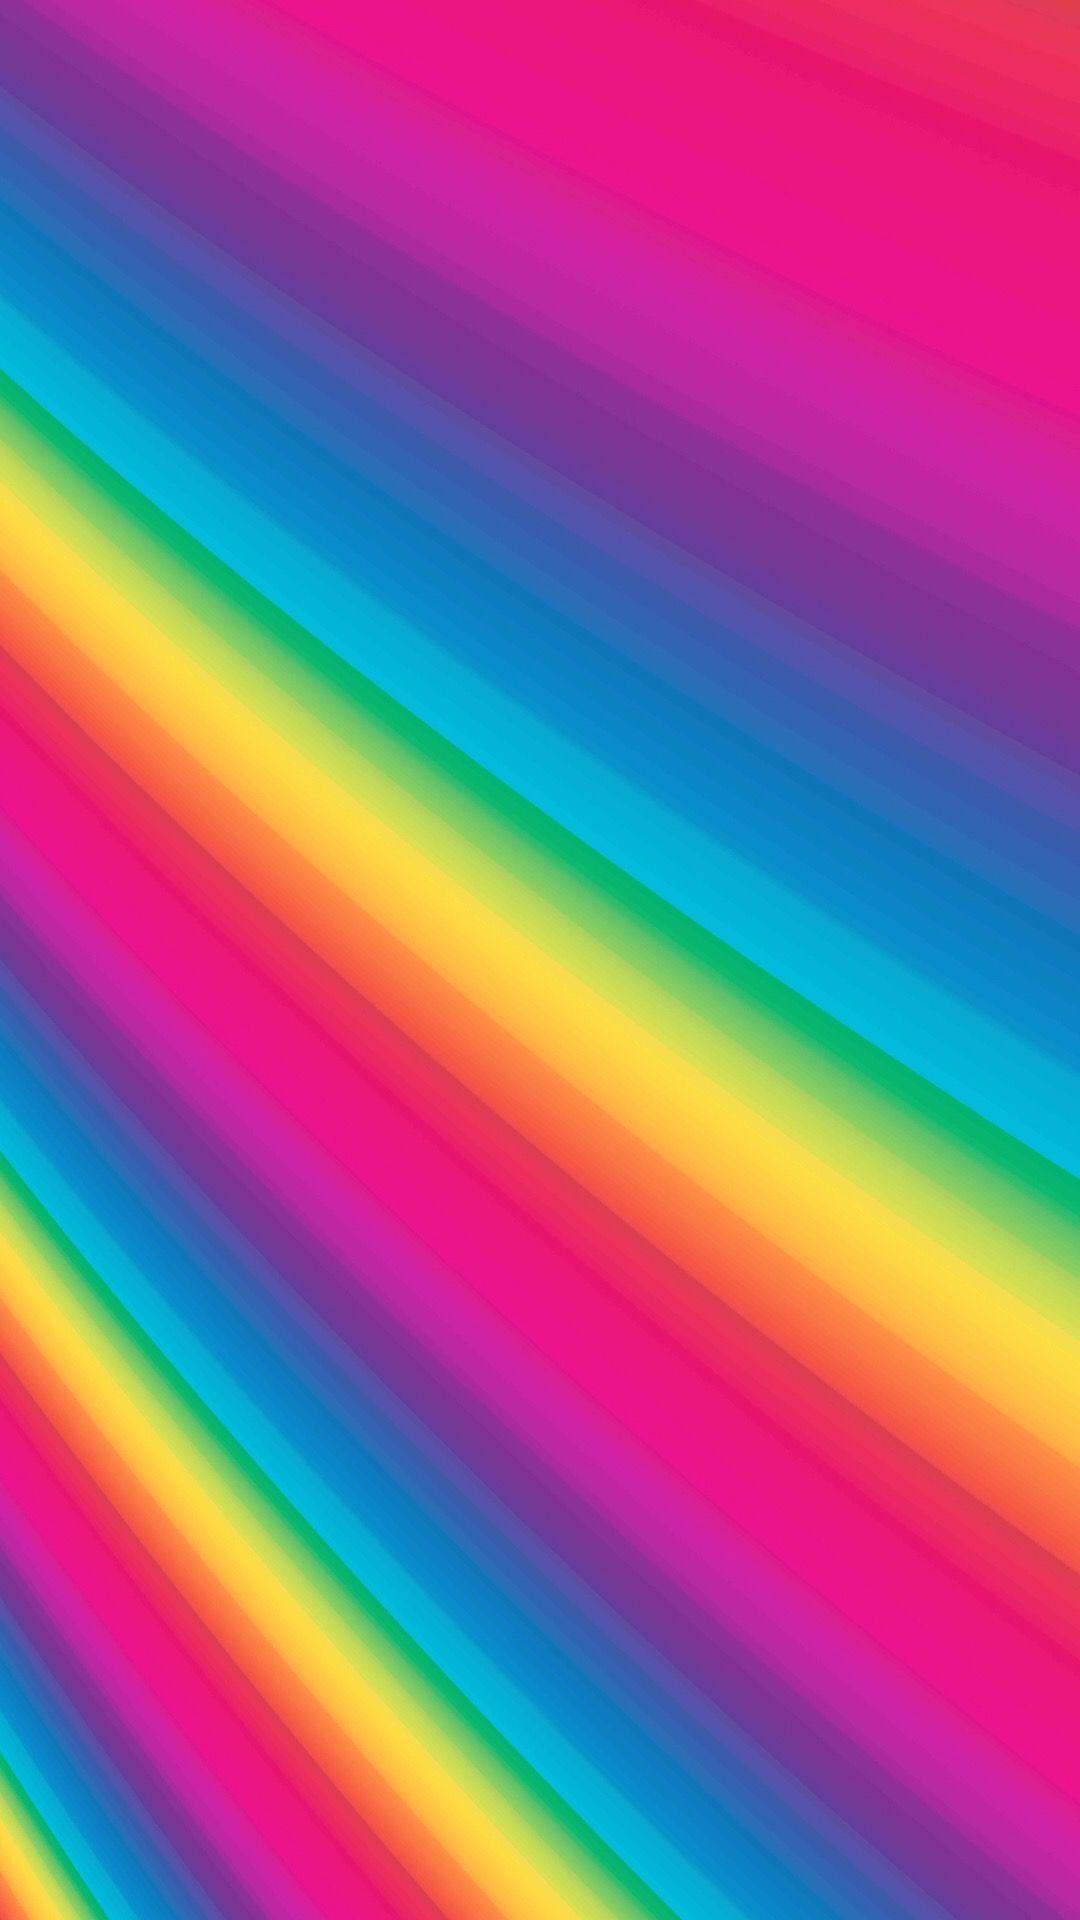 Cellphone Background / Wallpaper Rainbow wallpaper